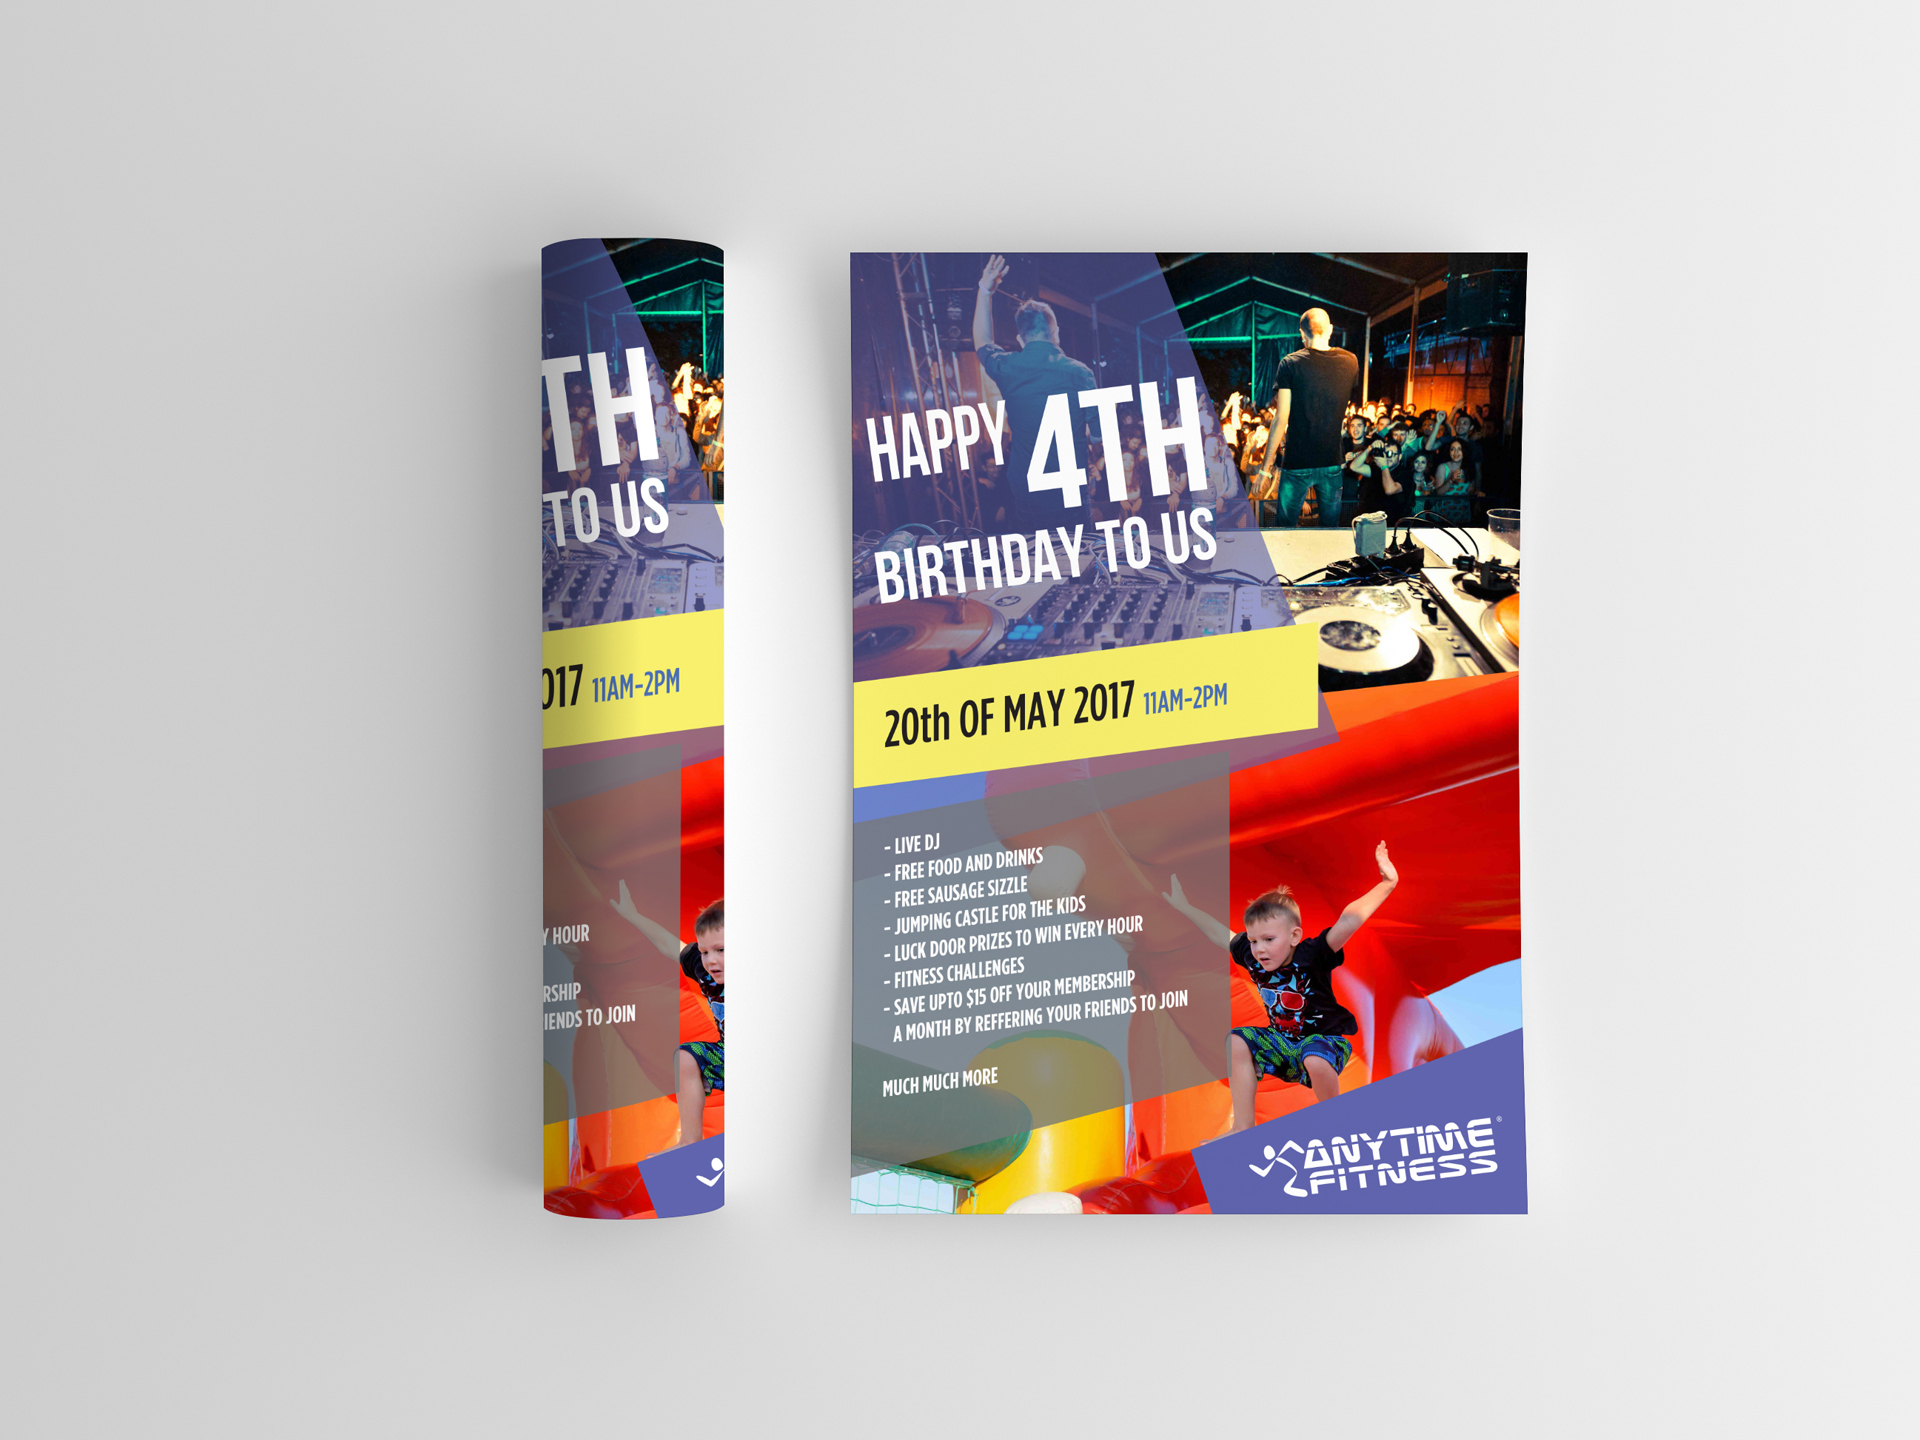 anytime-a4-flyer-happy-birthday-portfolio